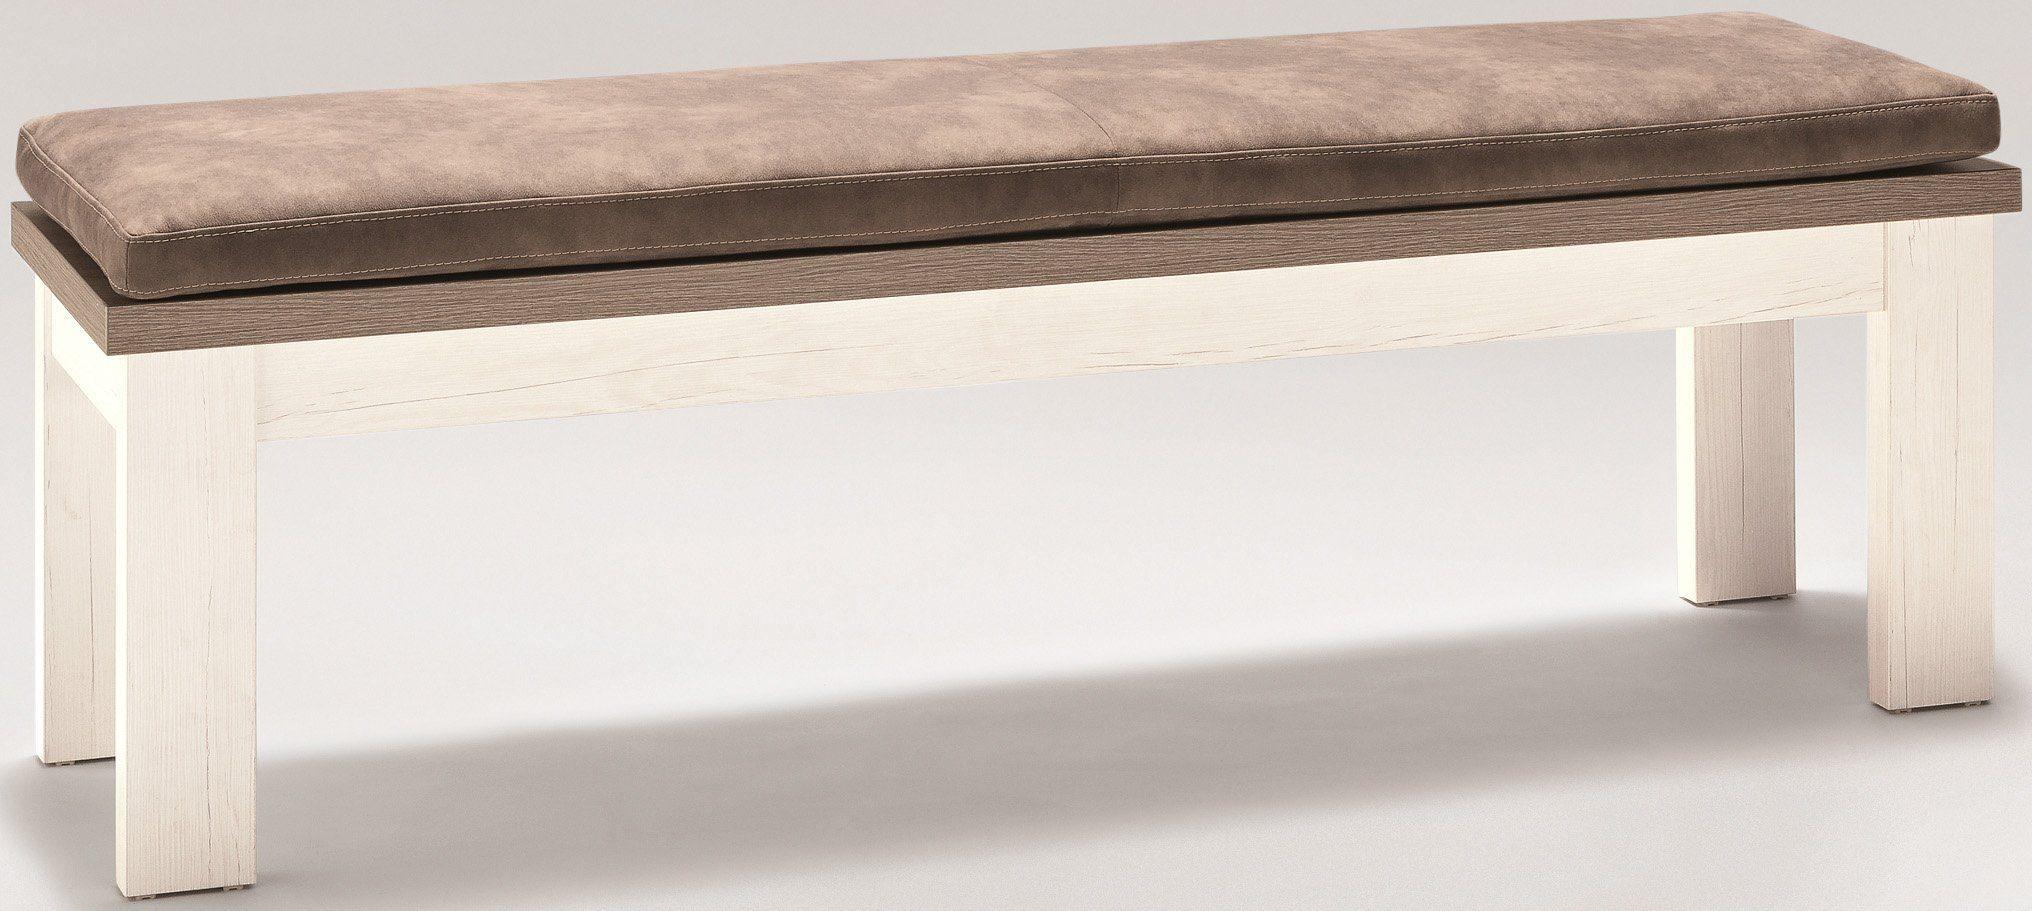 set one by Musterring Sitzbank »york« Typ 61, Pino Aurelio, Breite 160 cm